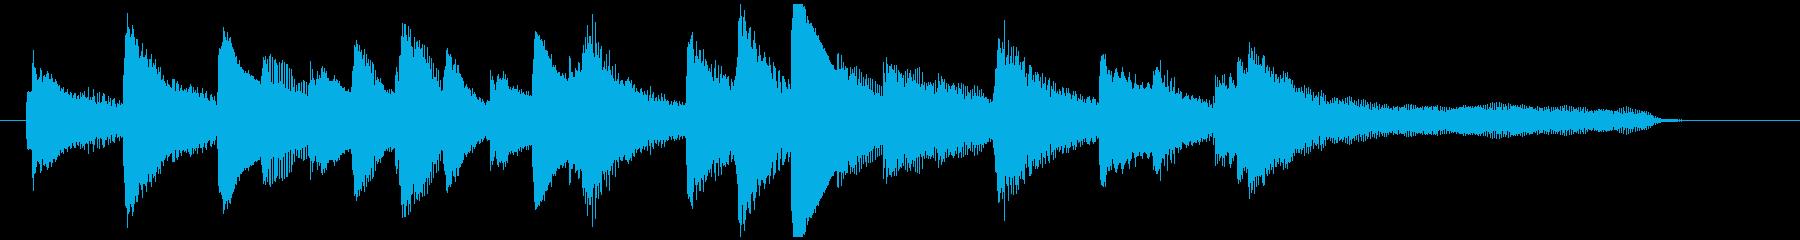 ゆったりしたピアノソロジングルの再生済みの波形